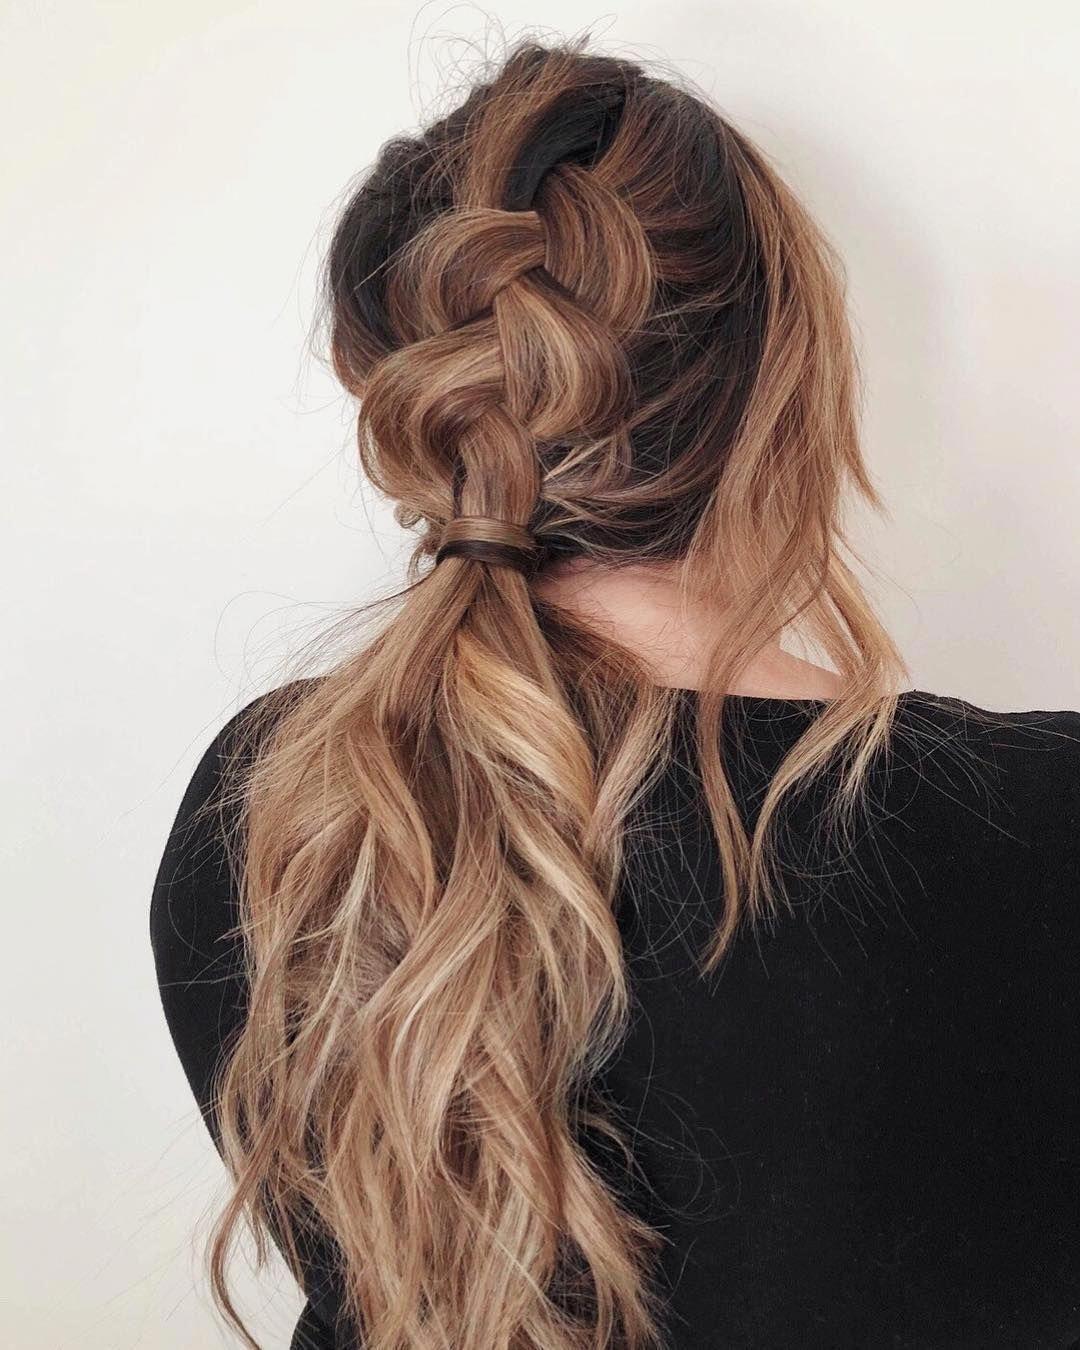 Hairstyles Trending – #1